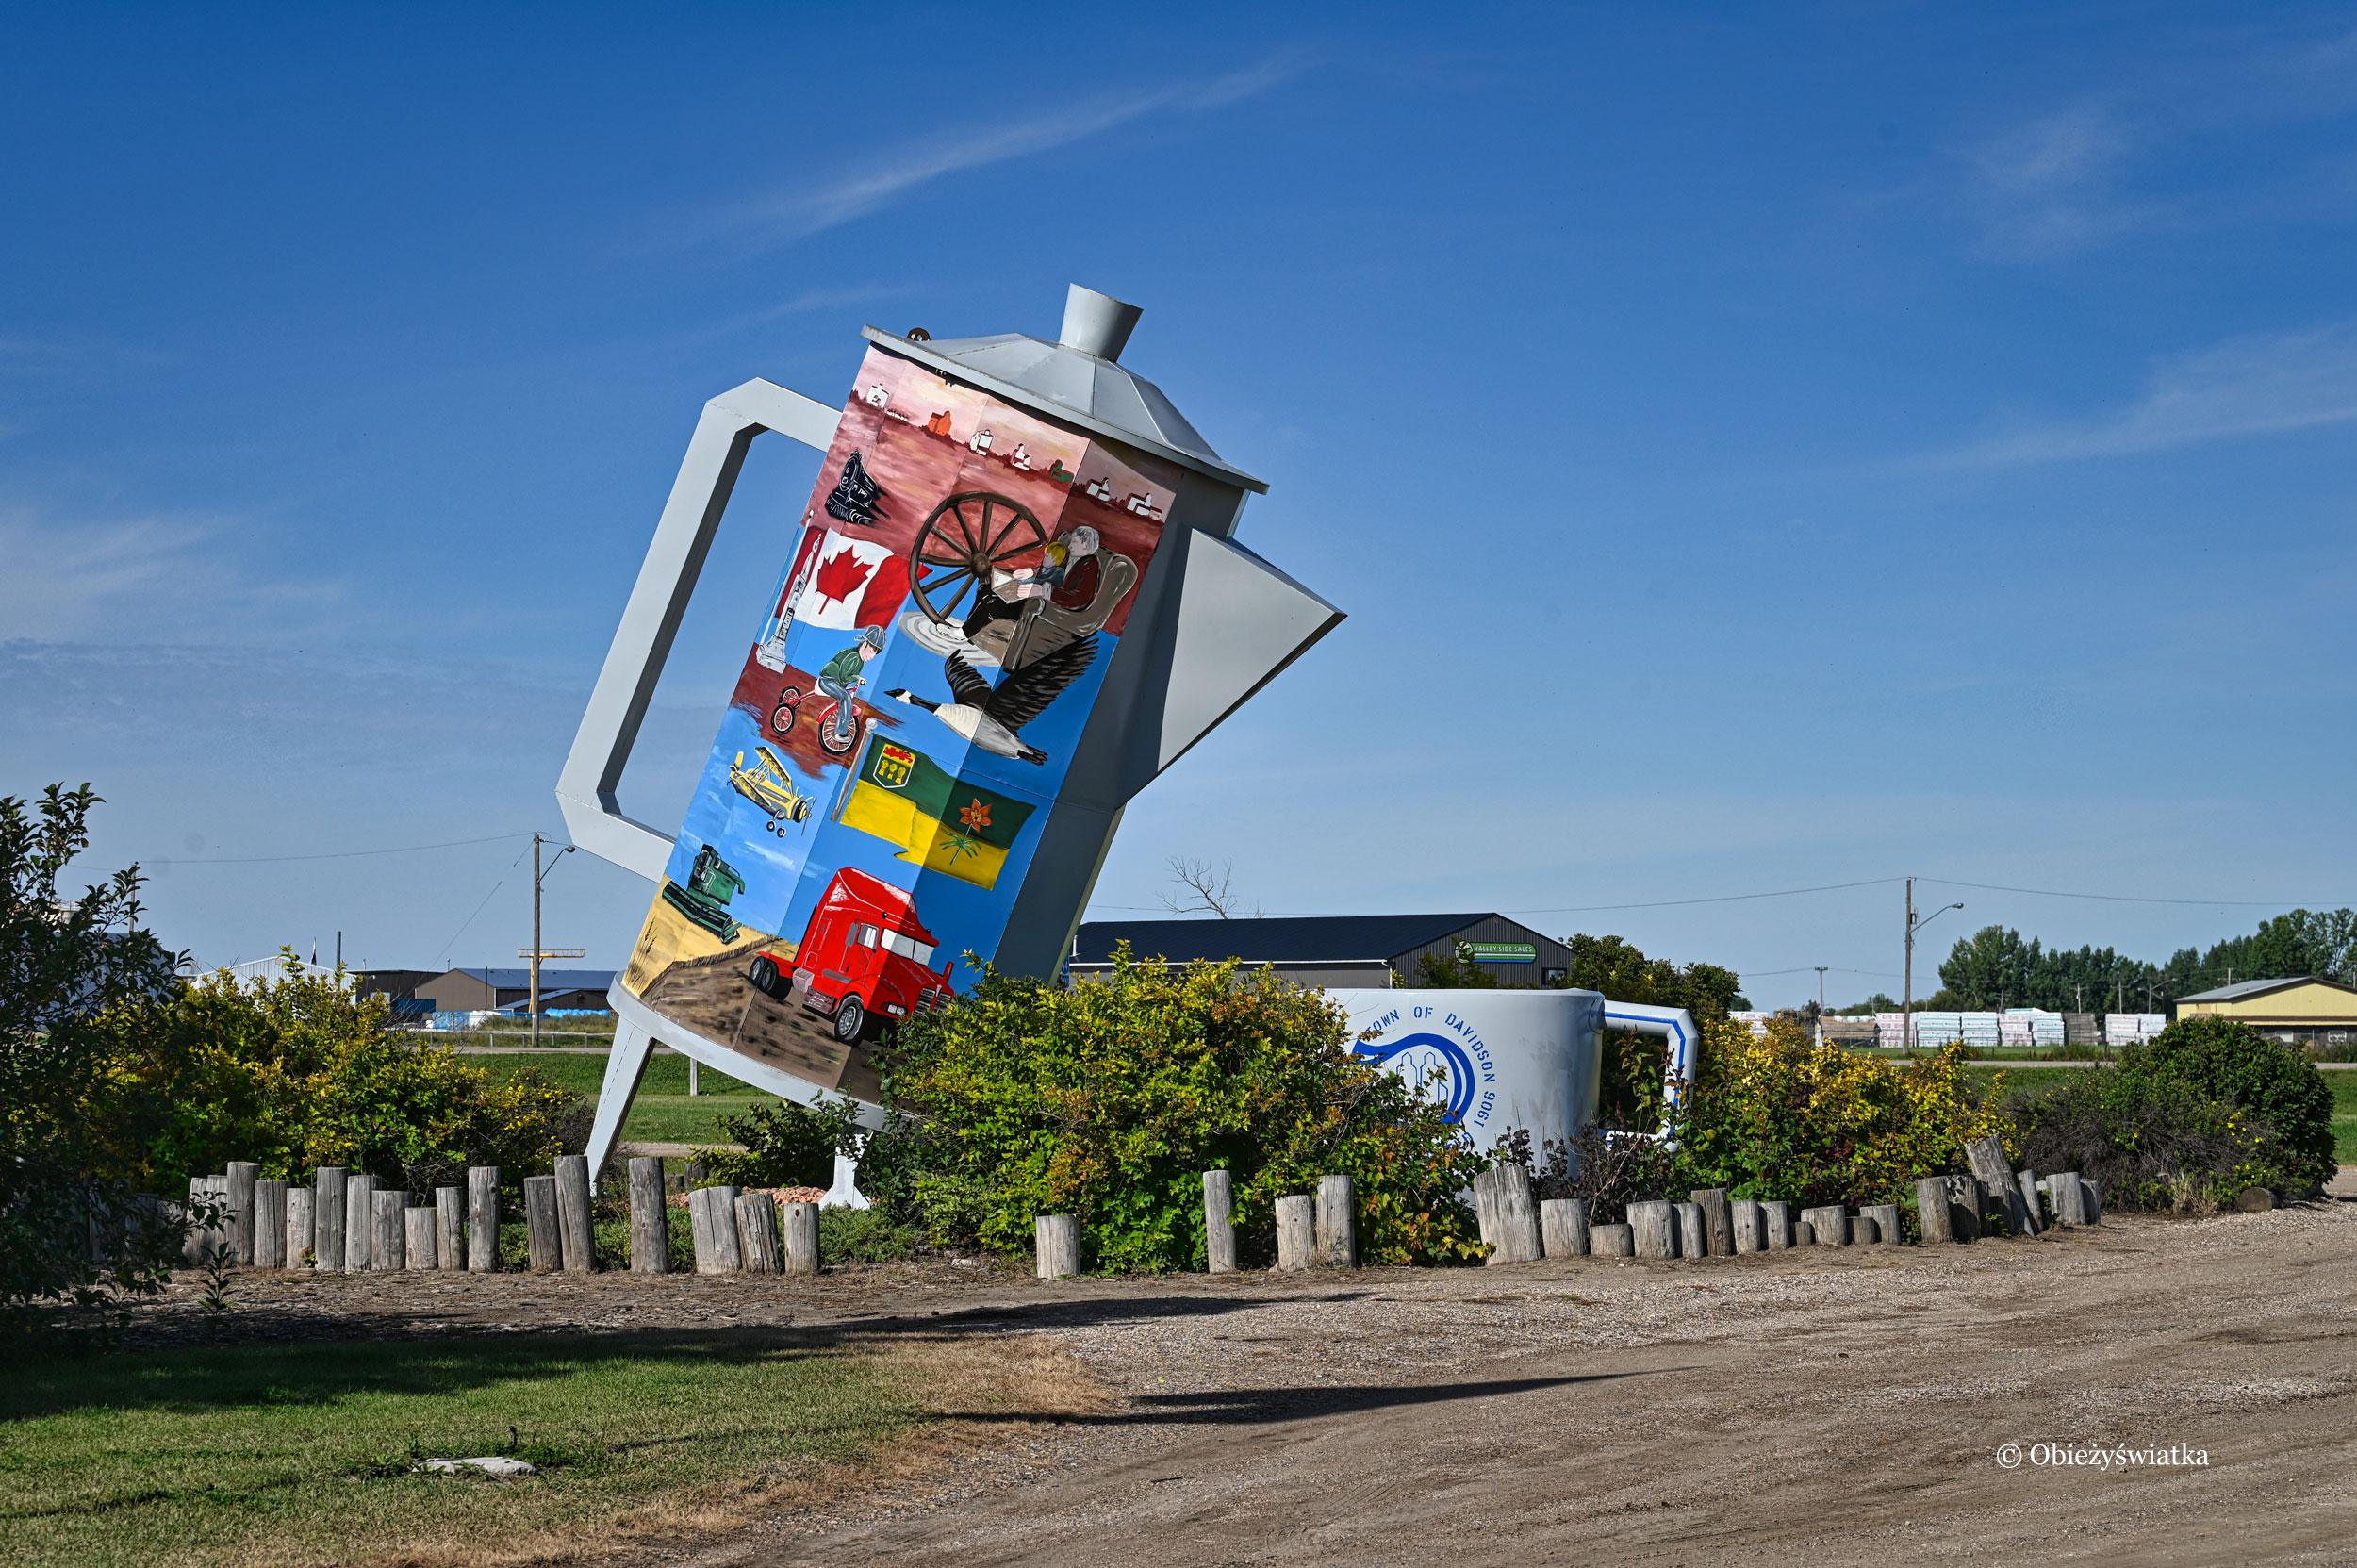 Olbrzymia filiżanka, olbrzymi dzbanek, czyli Coffee pot monument, Canada